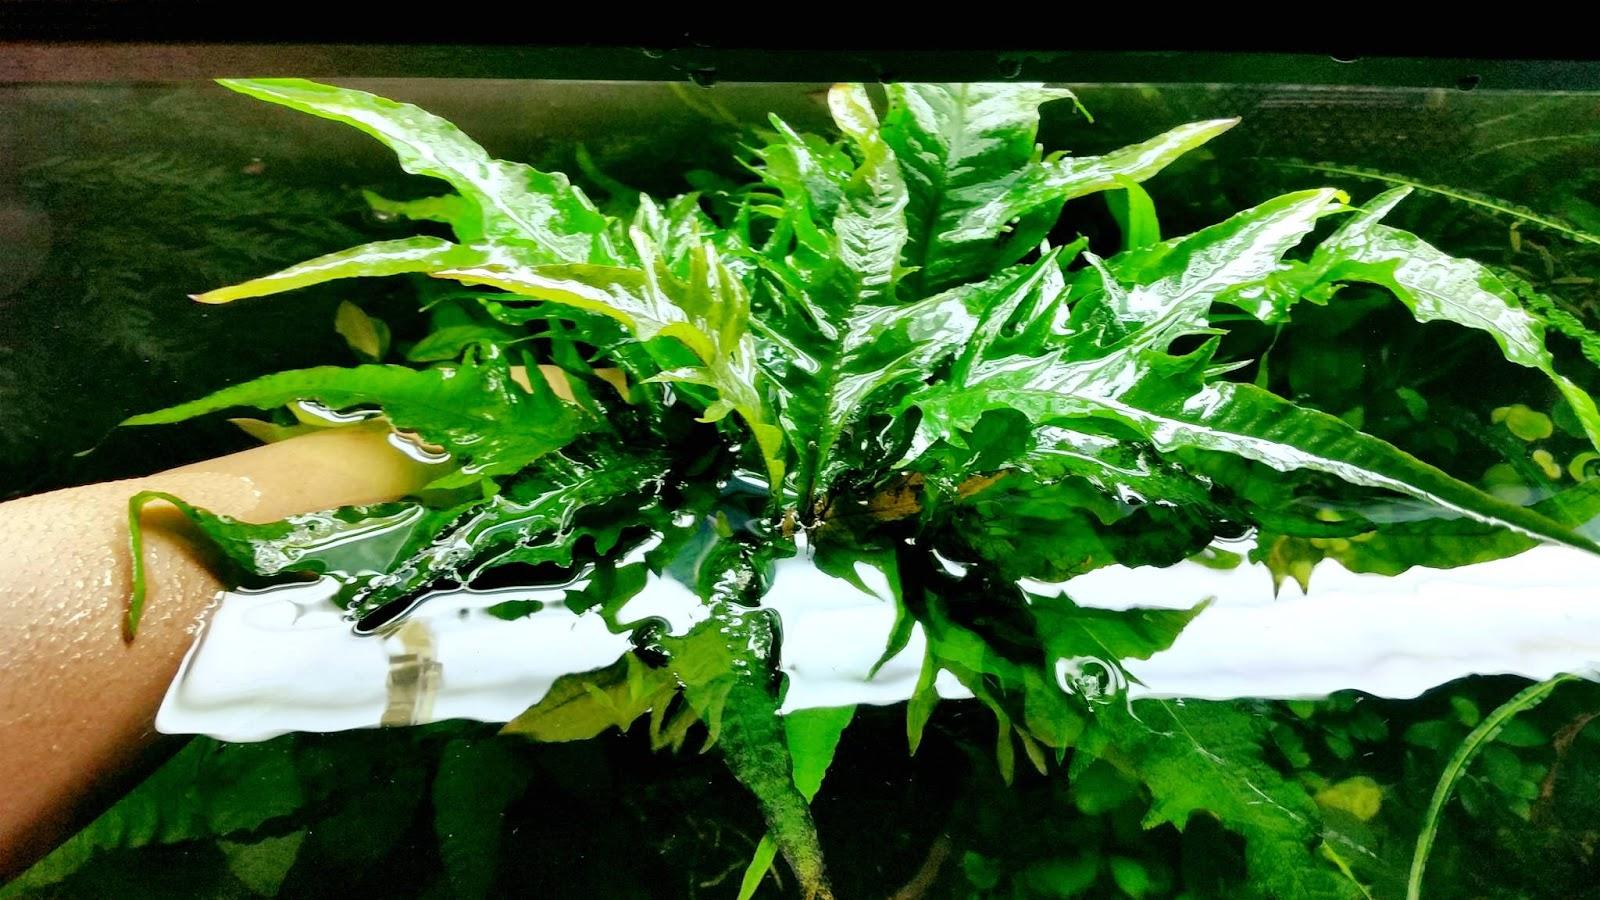 Cây thủy sinh dương xỉ Phoniex có hình dạng rất đặc biệt